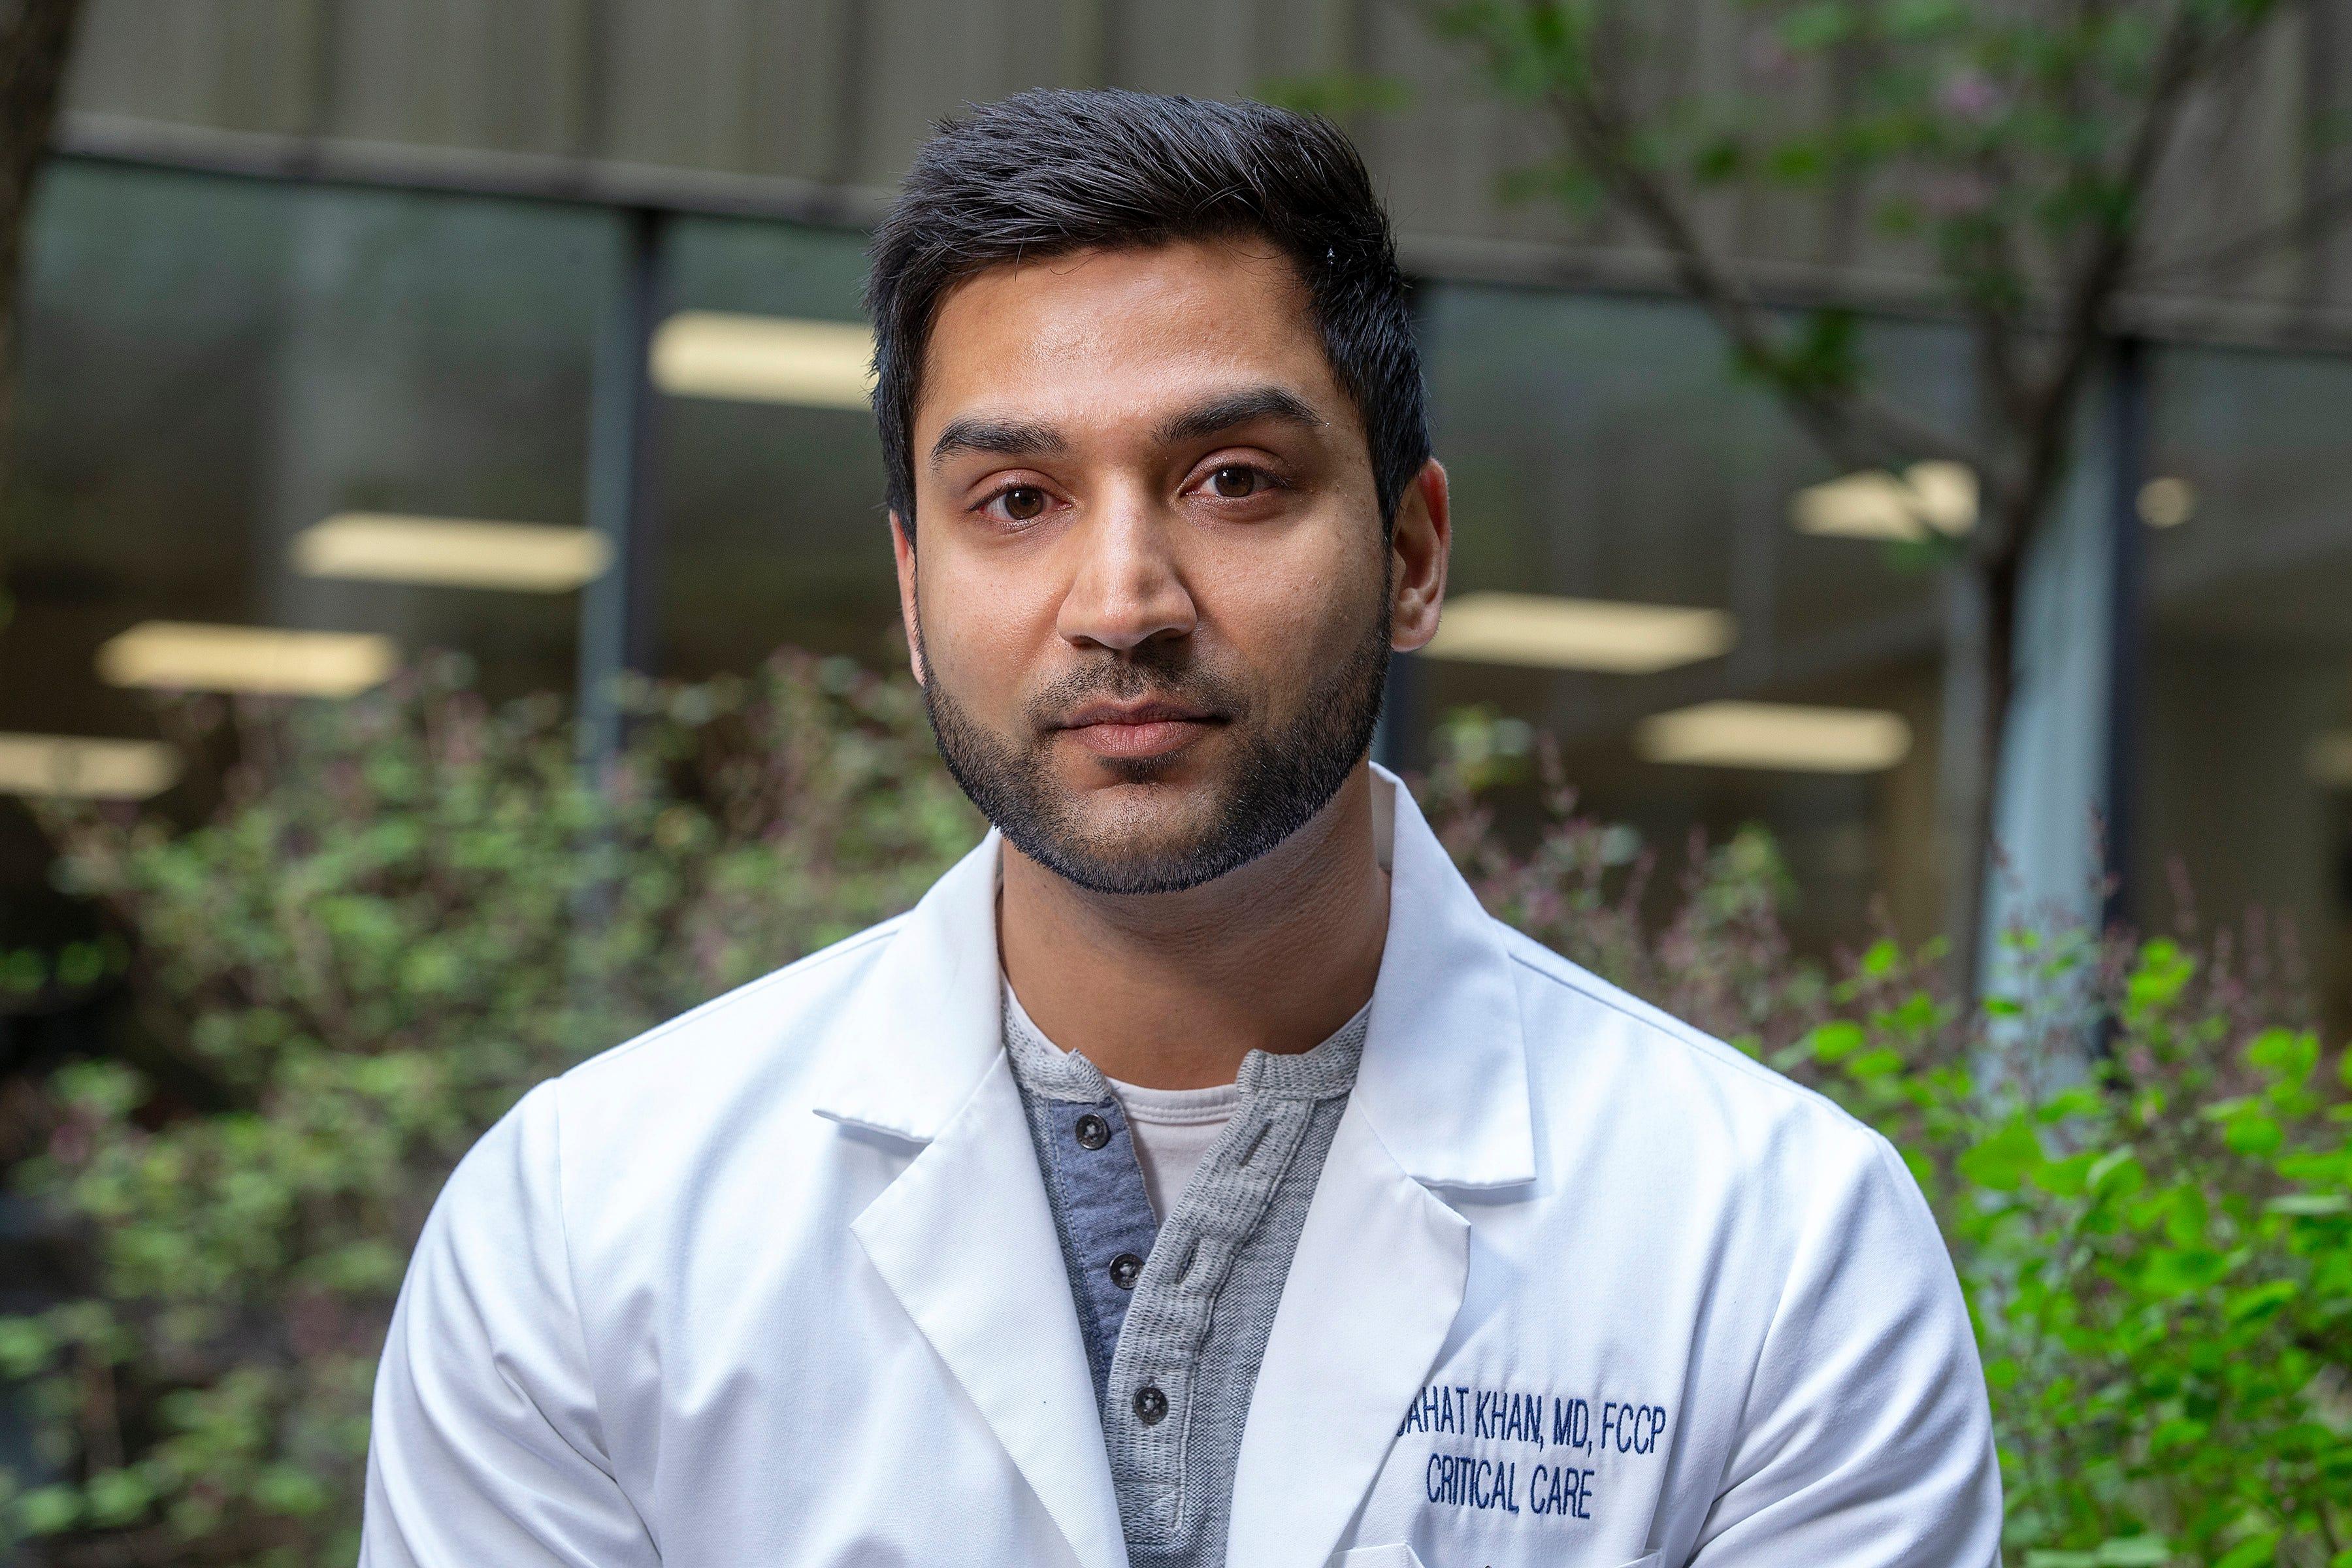 Dr. Wajahat Khan